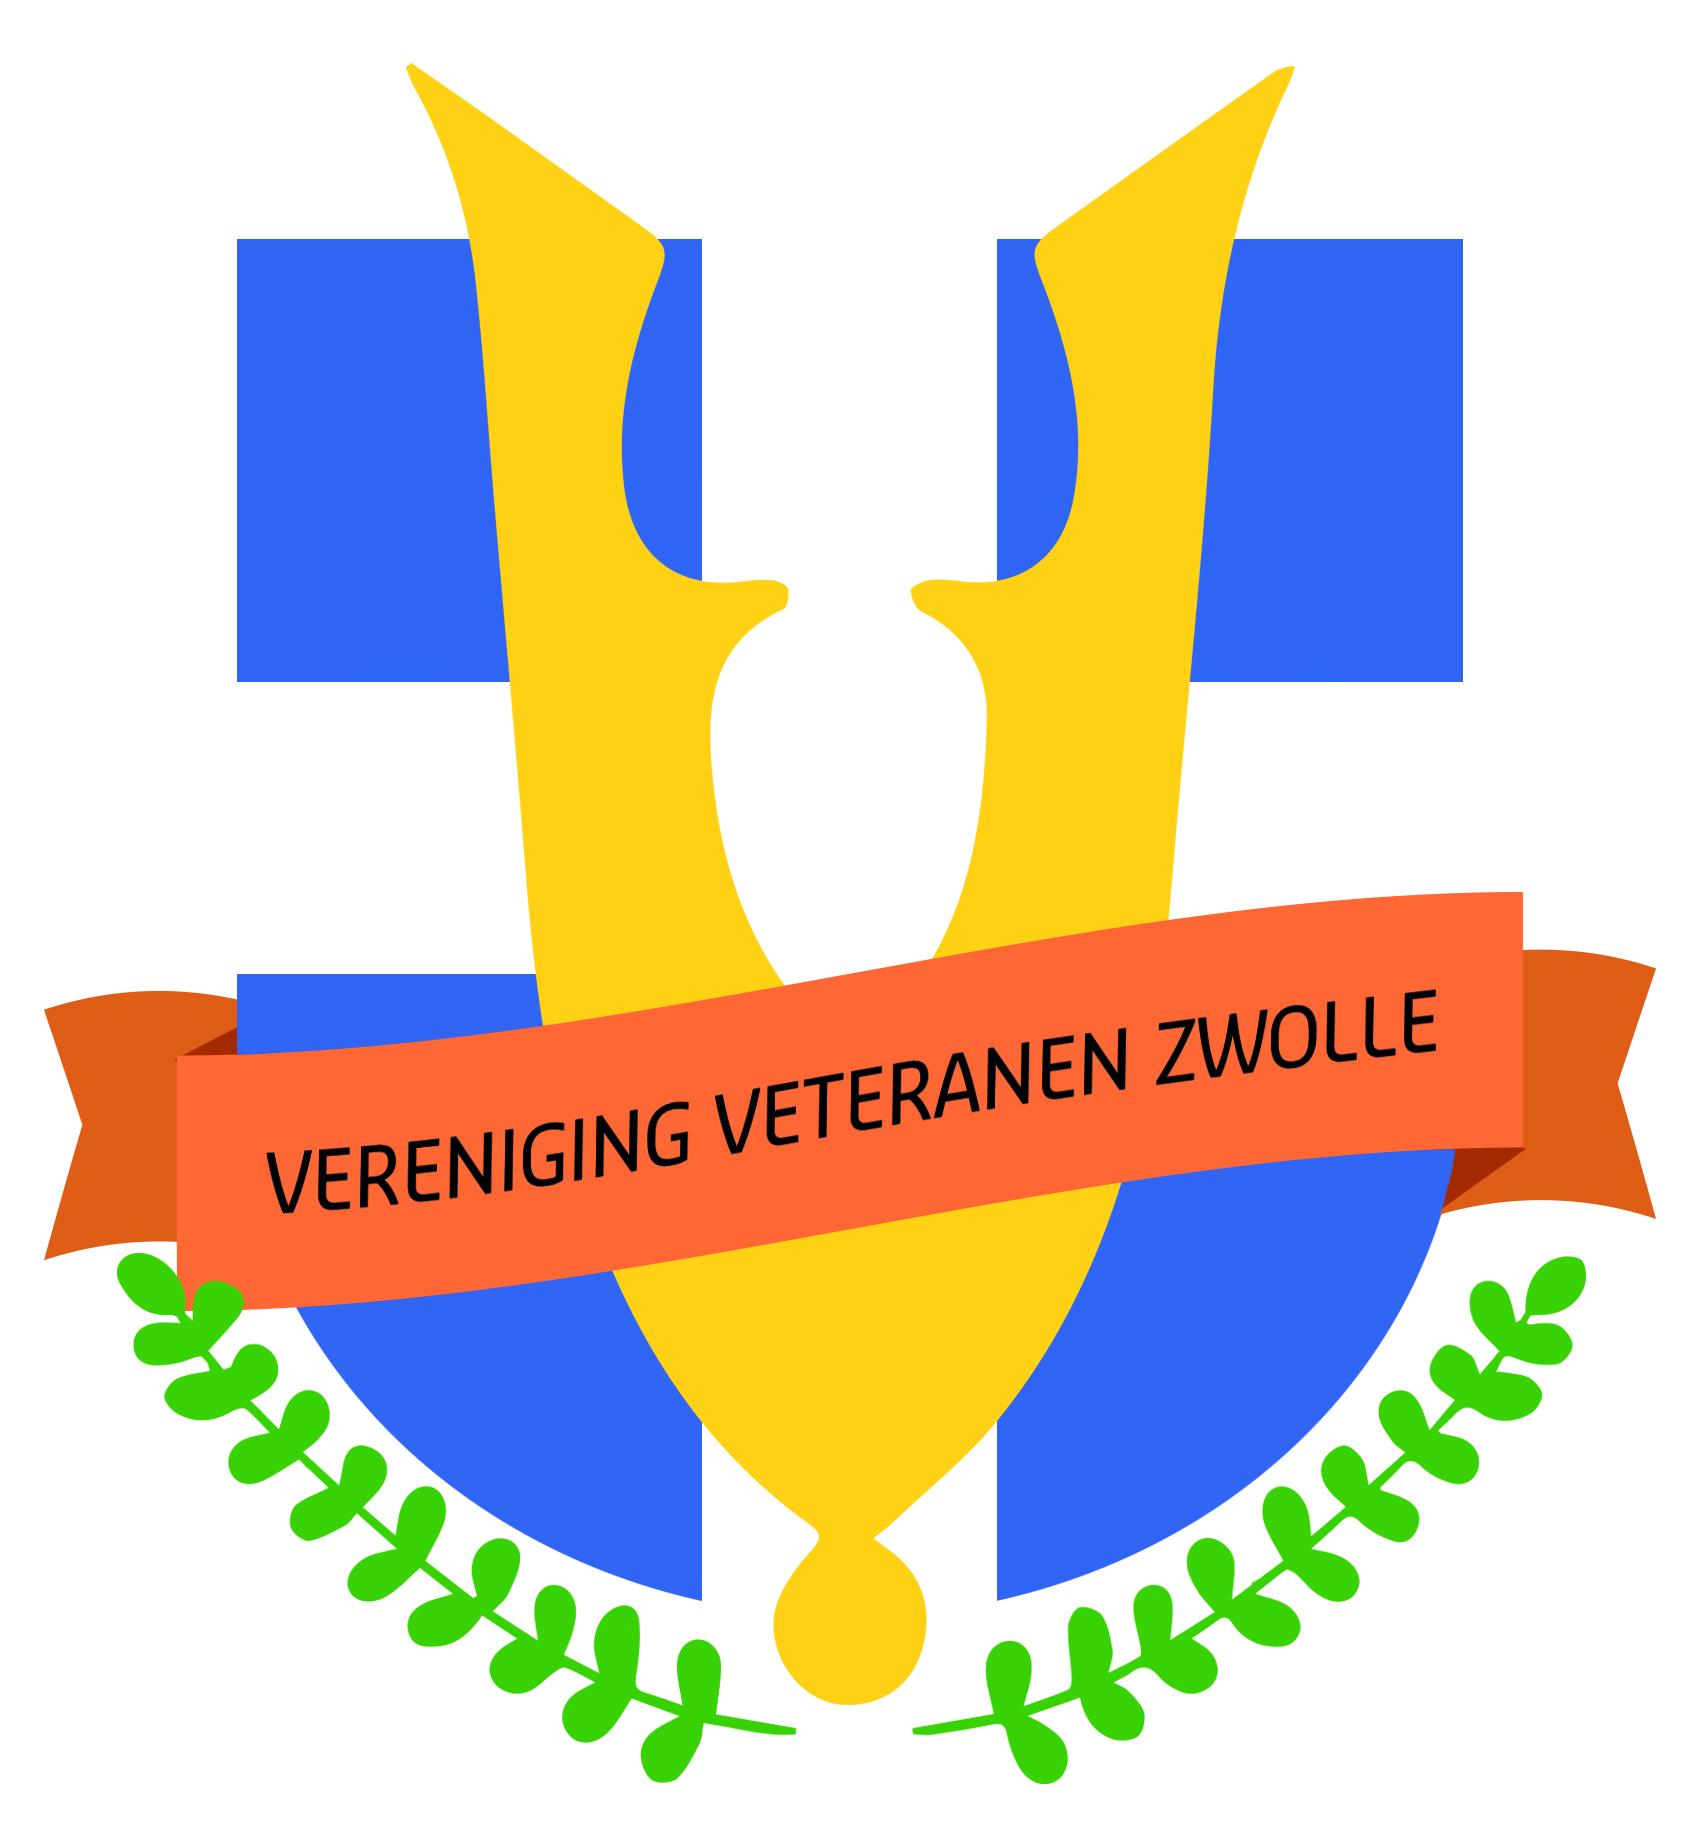 Logo_Veteranen_Zwolle_groot